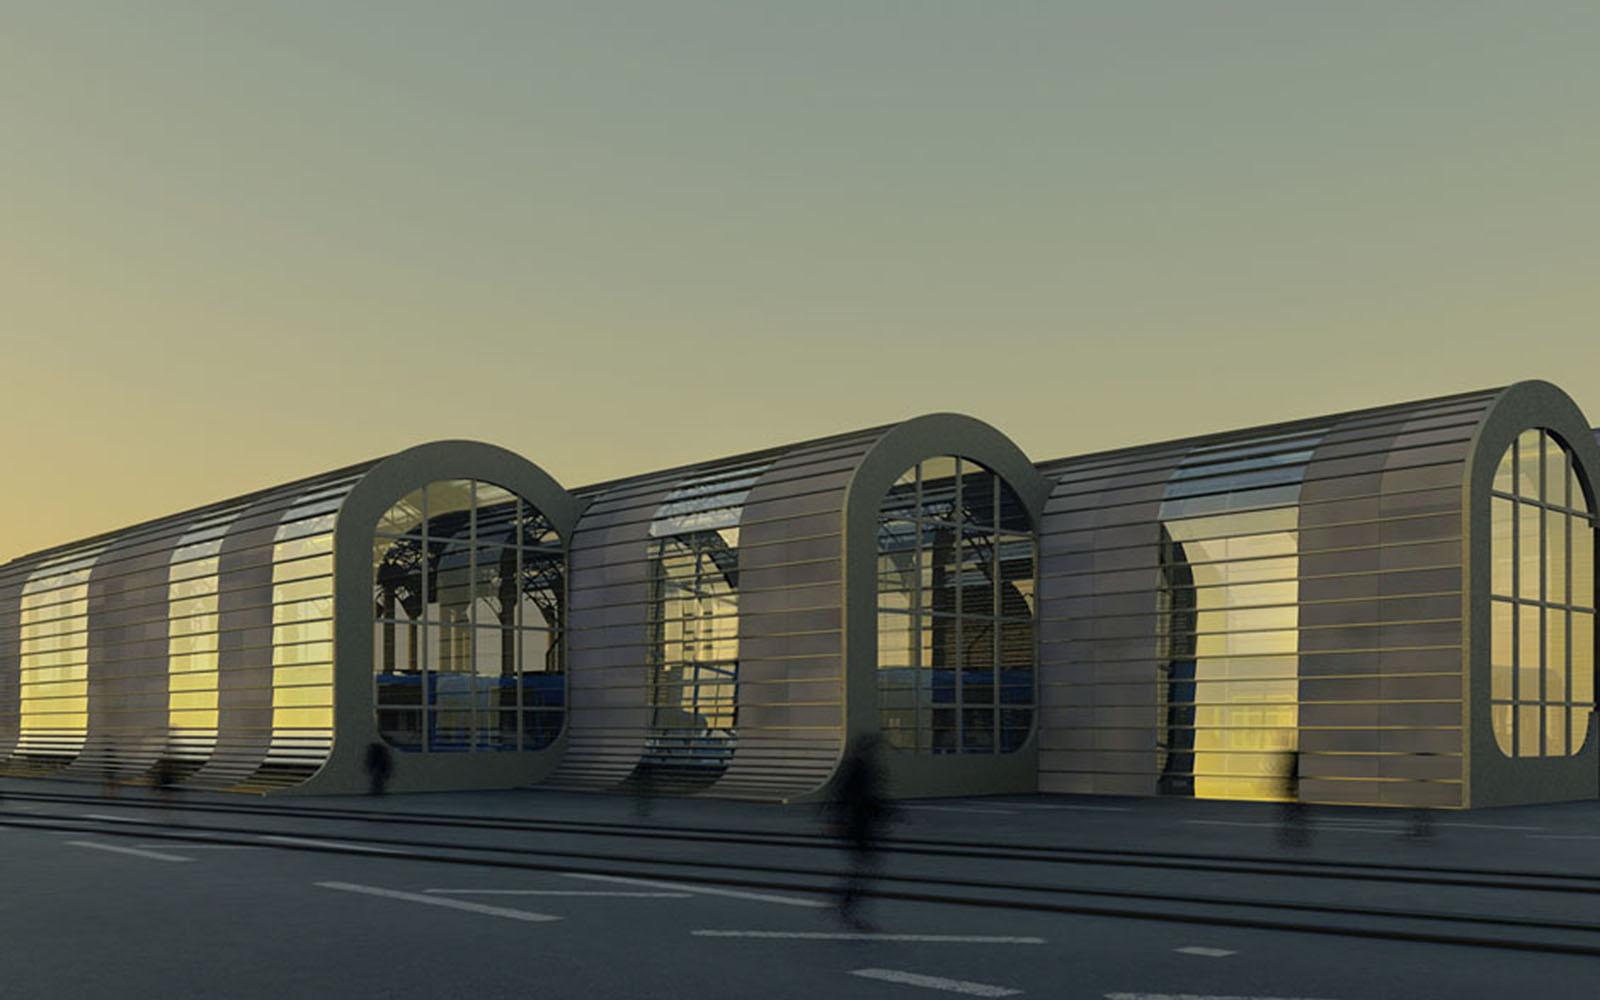 storstockholms lokaltrafik app